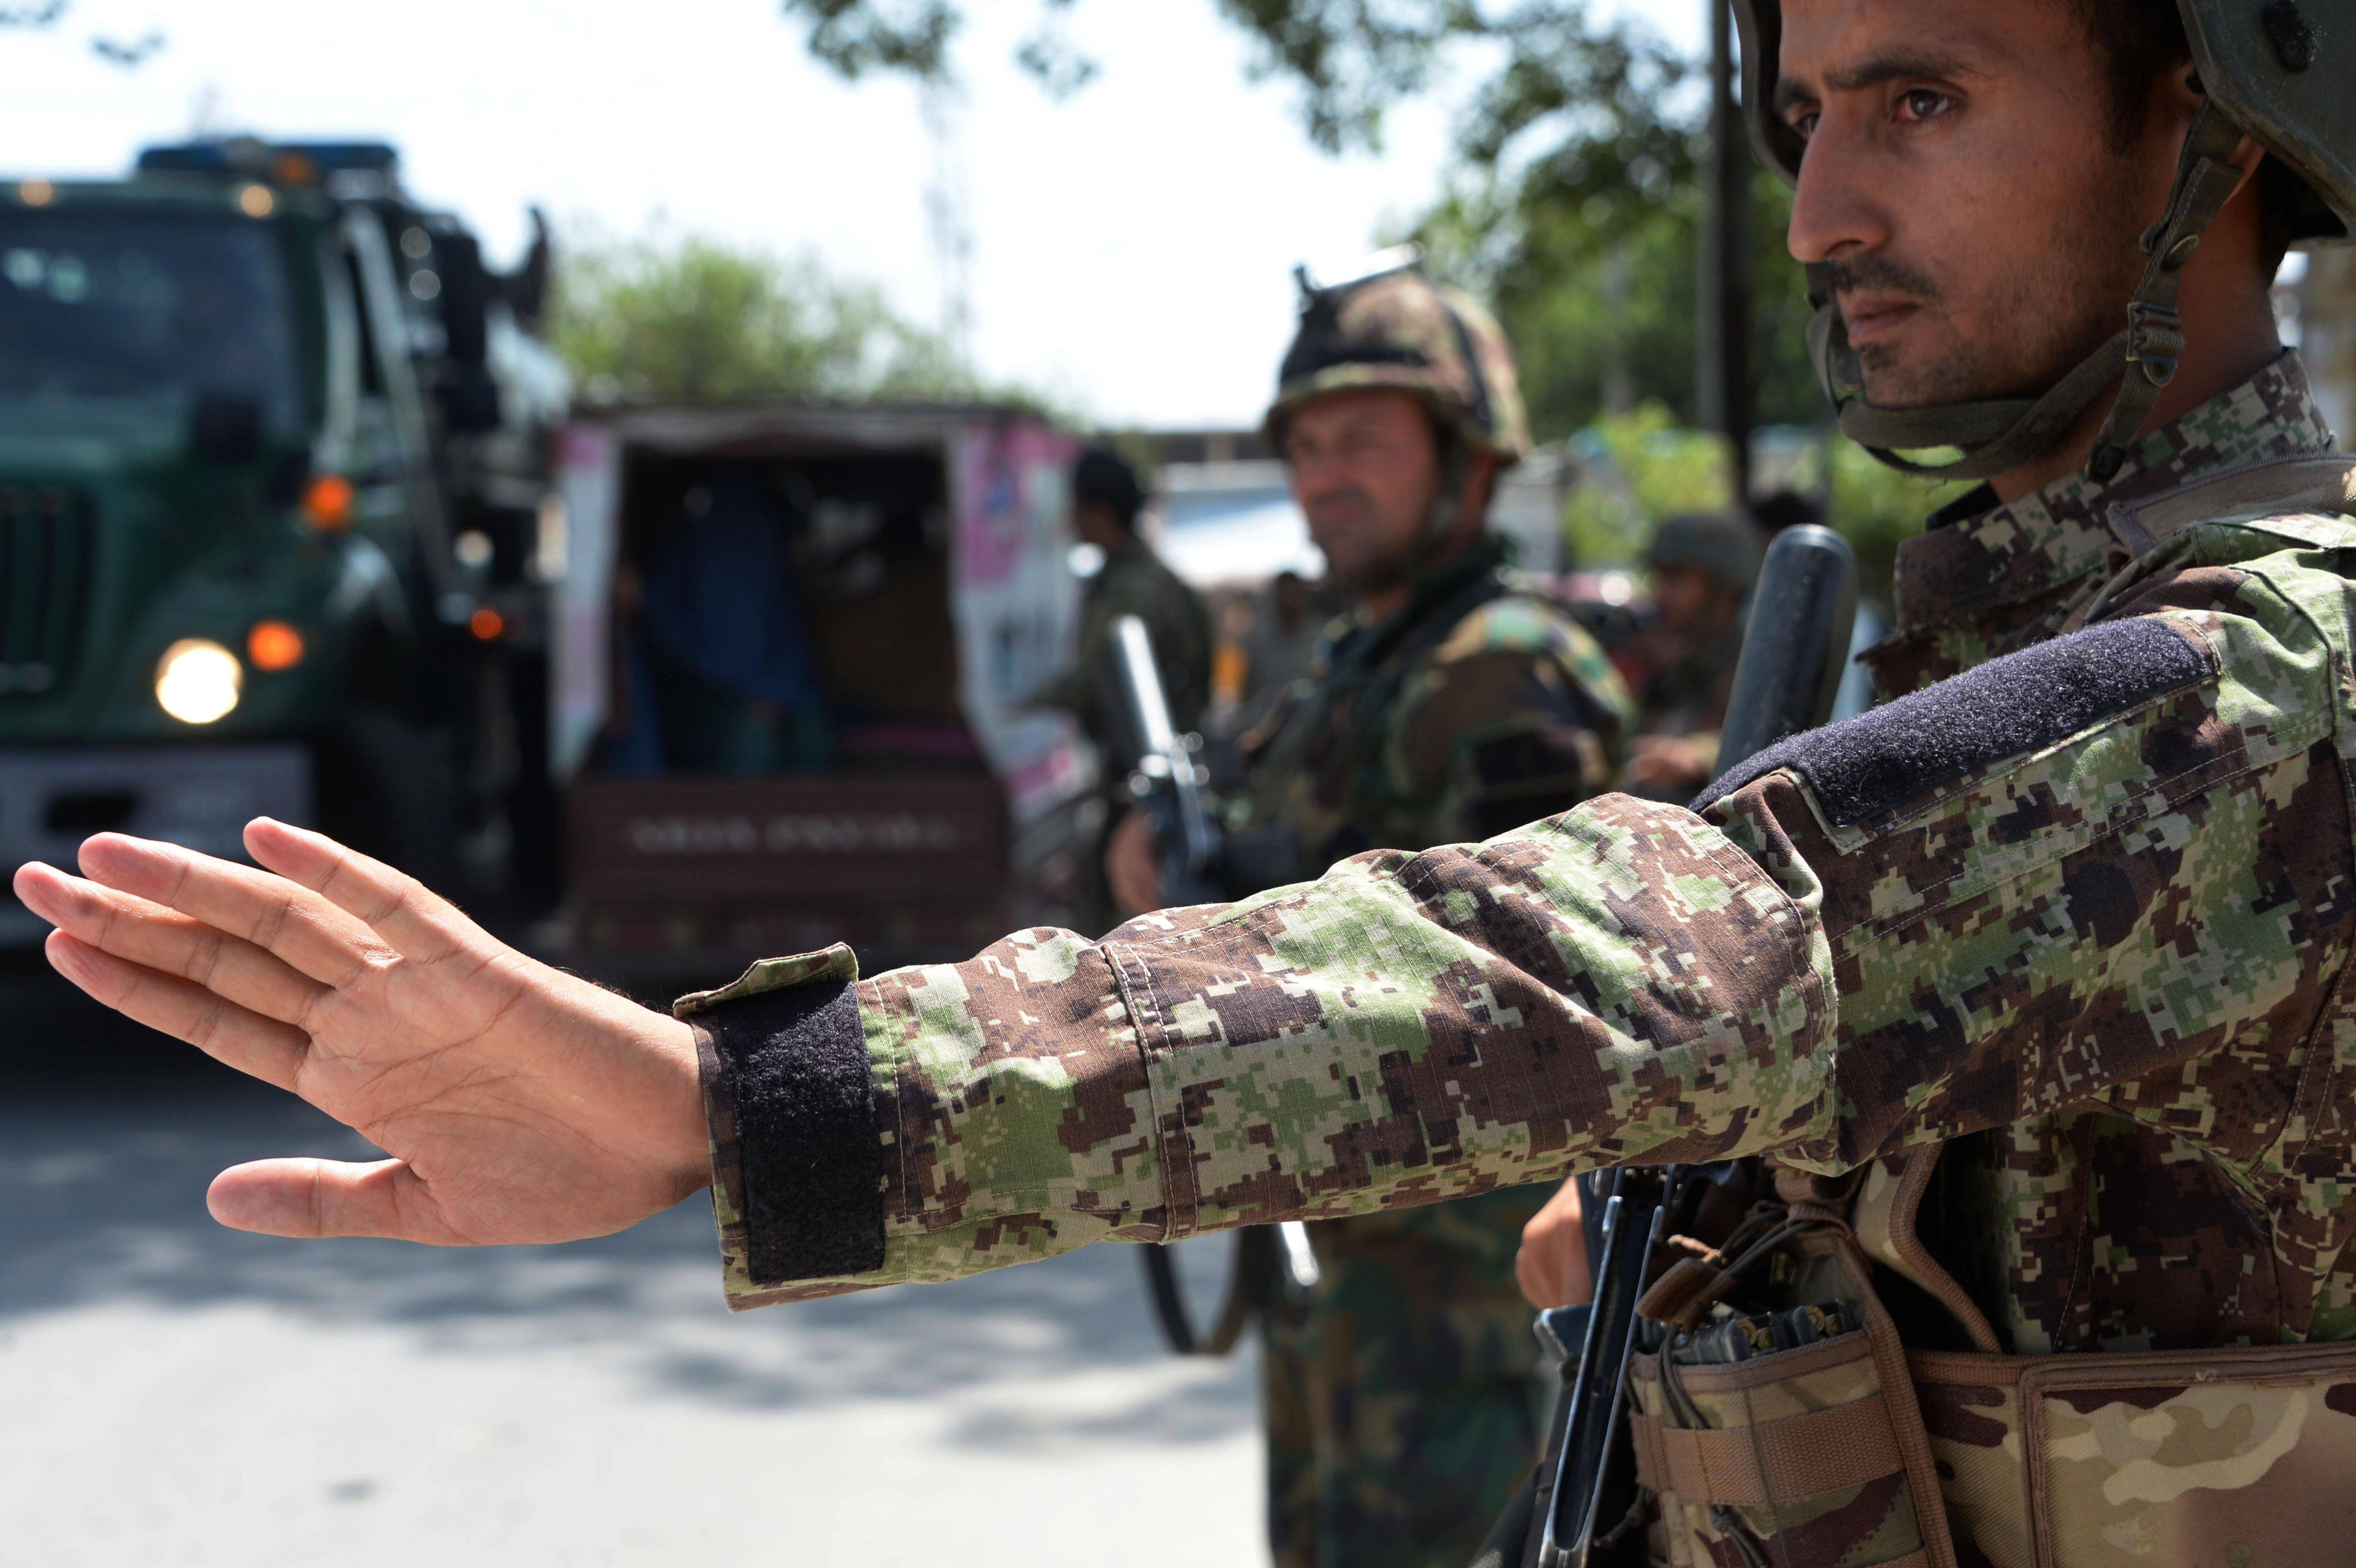 تلاش نیروهای امنیتی افغانستان و باشنده های ننگرهار برای از بین بردن متباقی افراد داعش